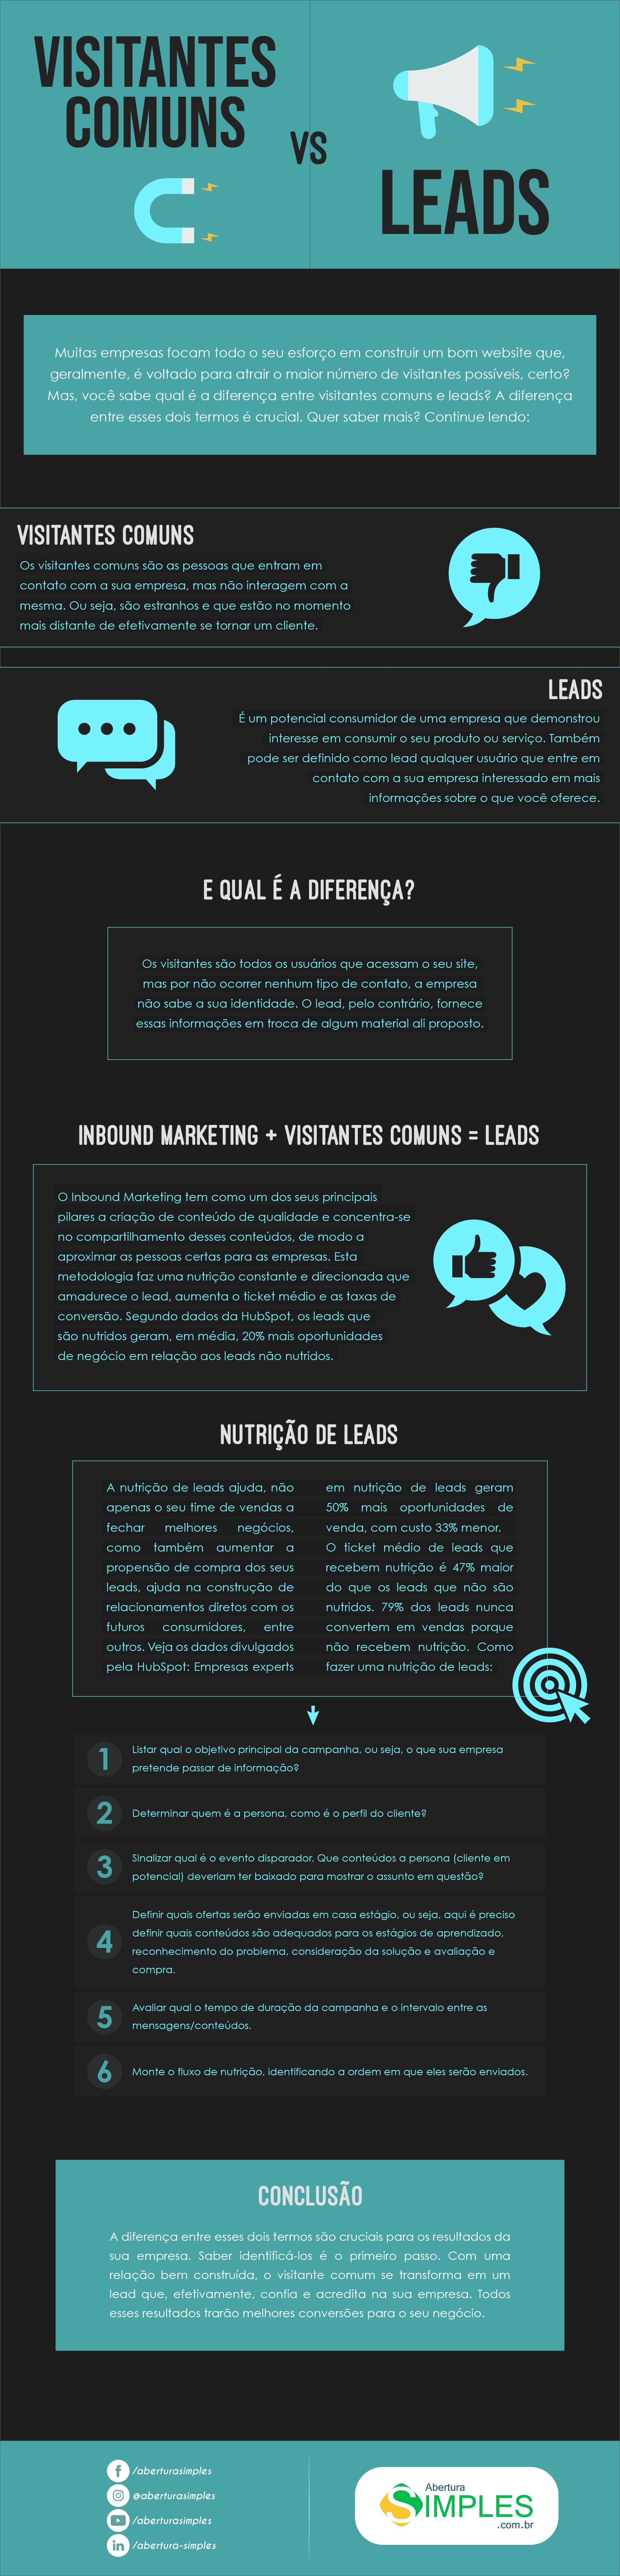 Imagem de um infográfico que fala sobre a diferença entre visitante e lead